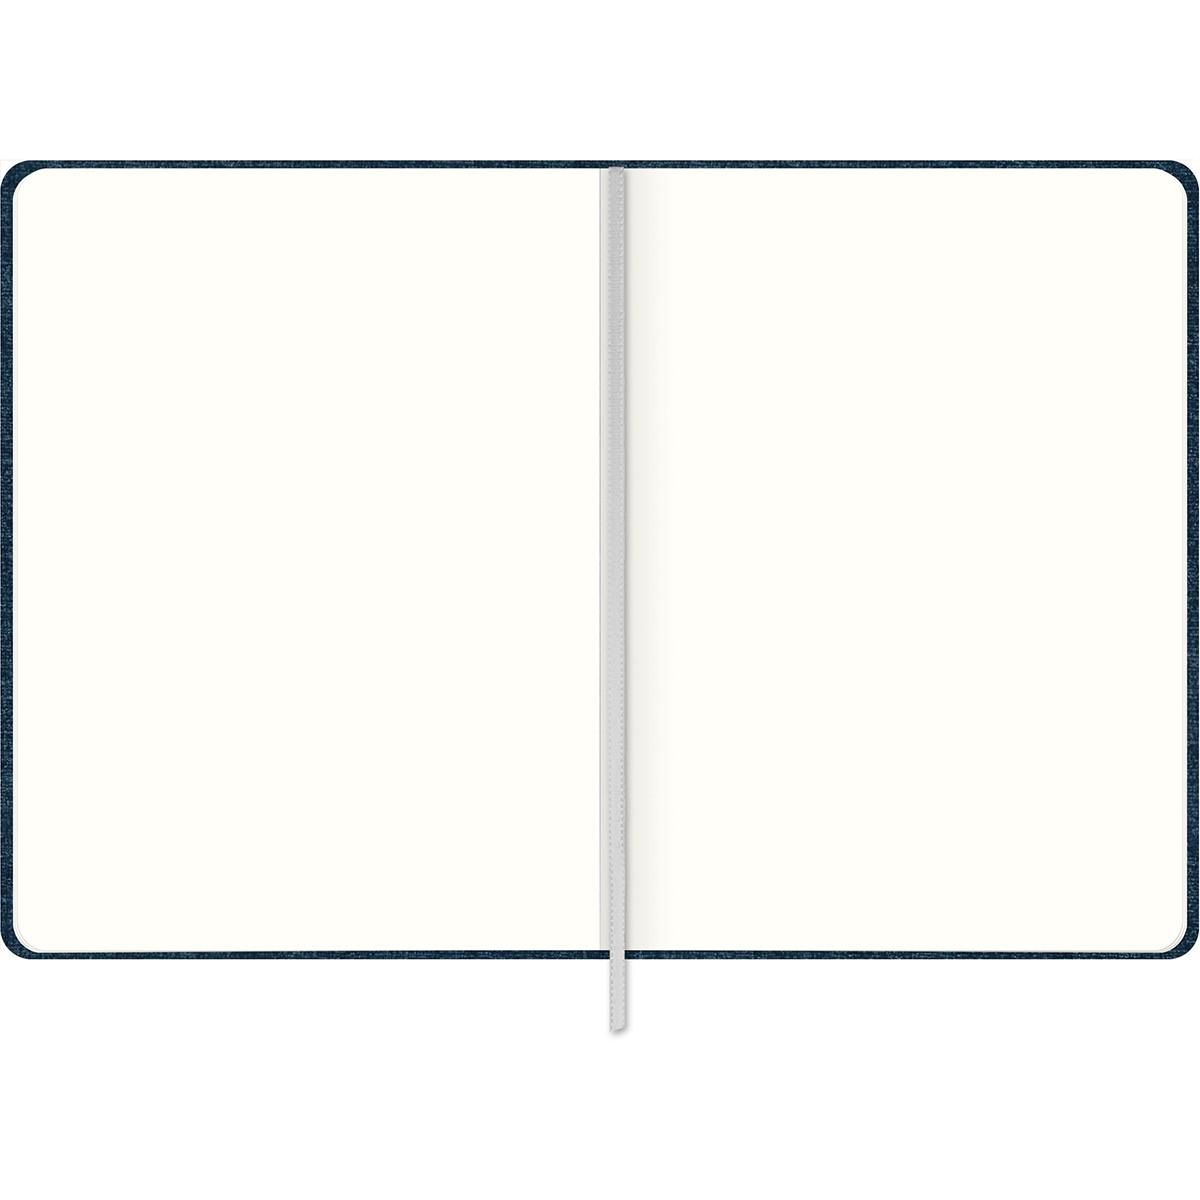 Caderno Executivo sem Pauta Costurado Capa Dura Fitto M Cambridge Denim 90 Gramas 80 Folhas Tilibra